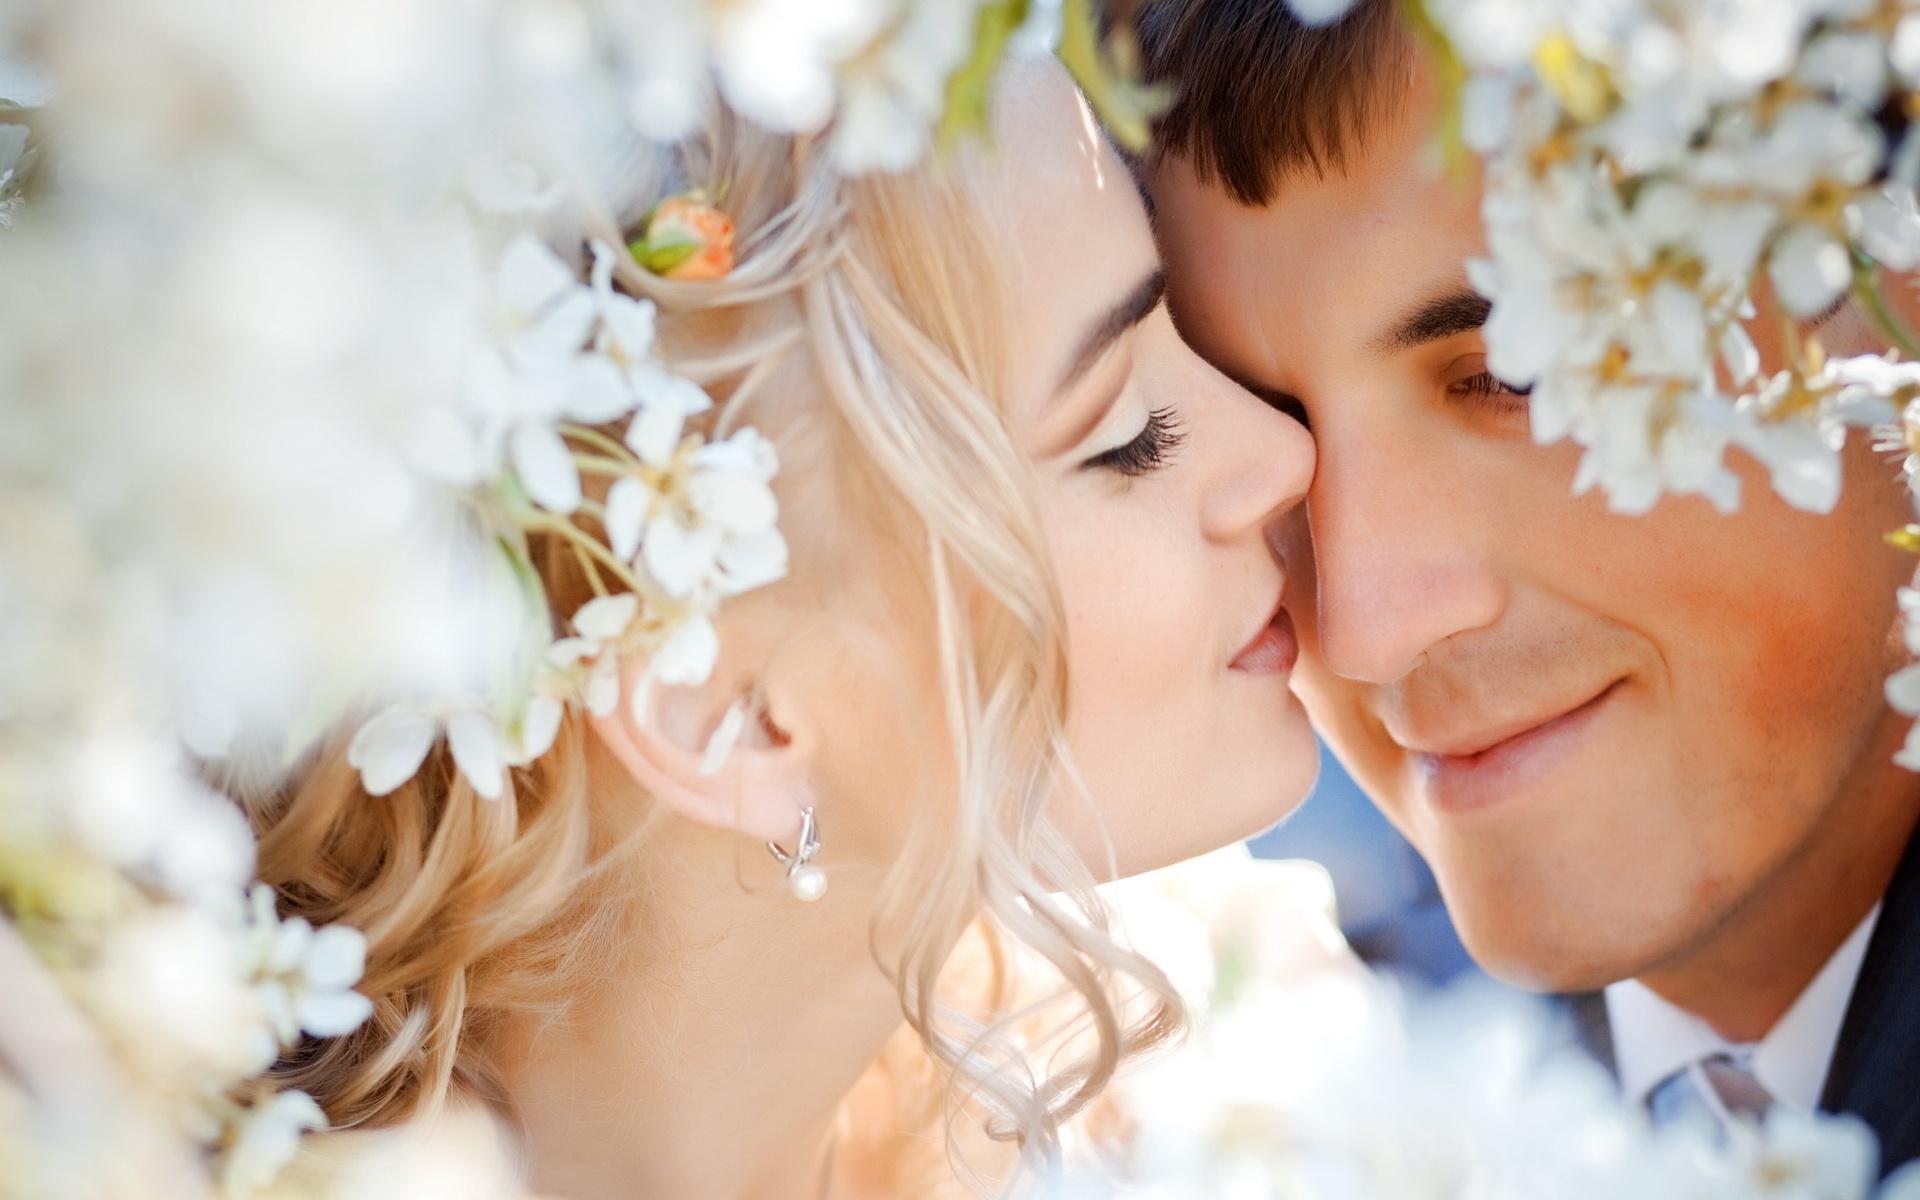 свадьба, цветы, пара